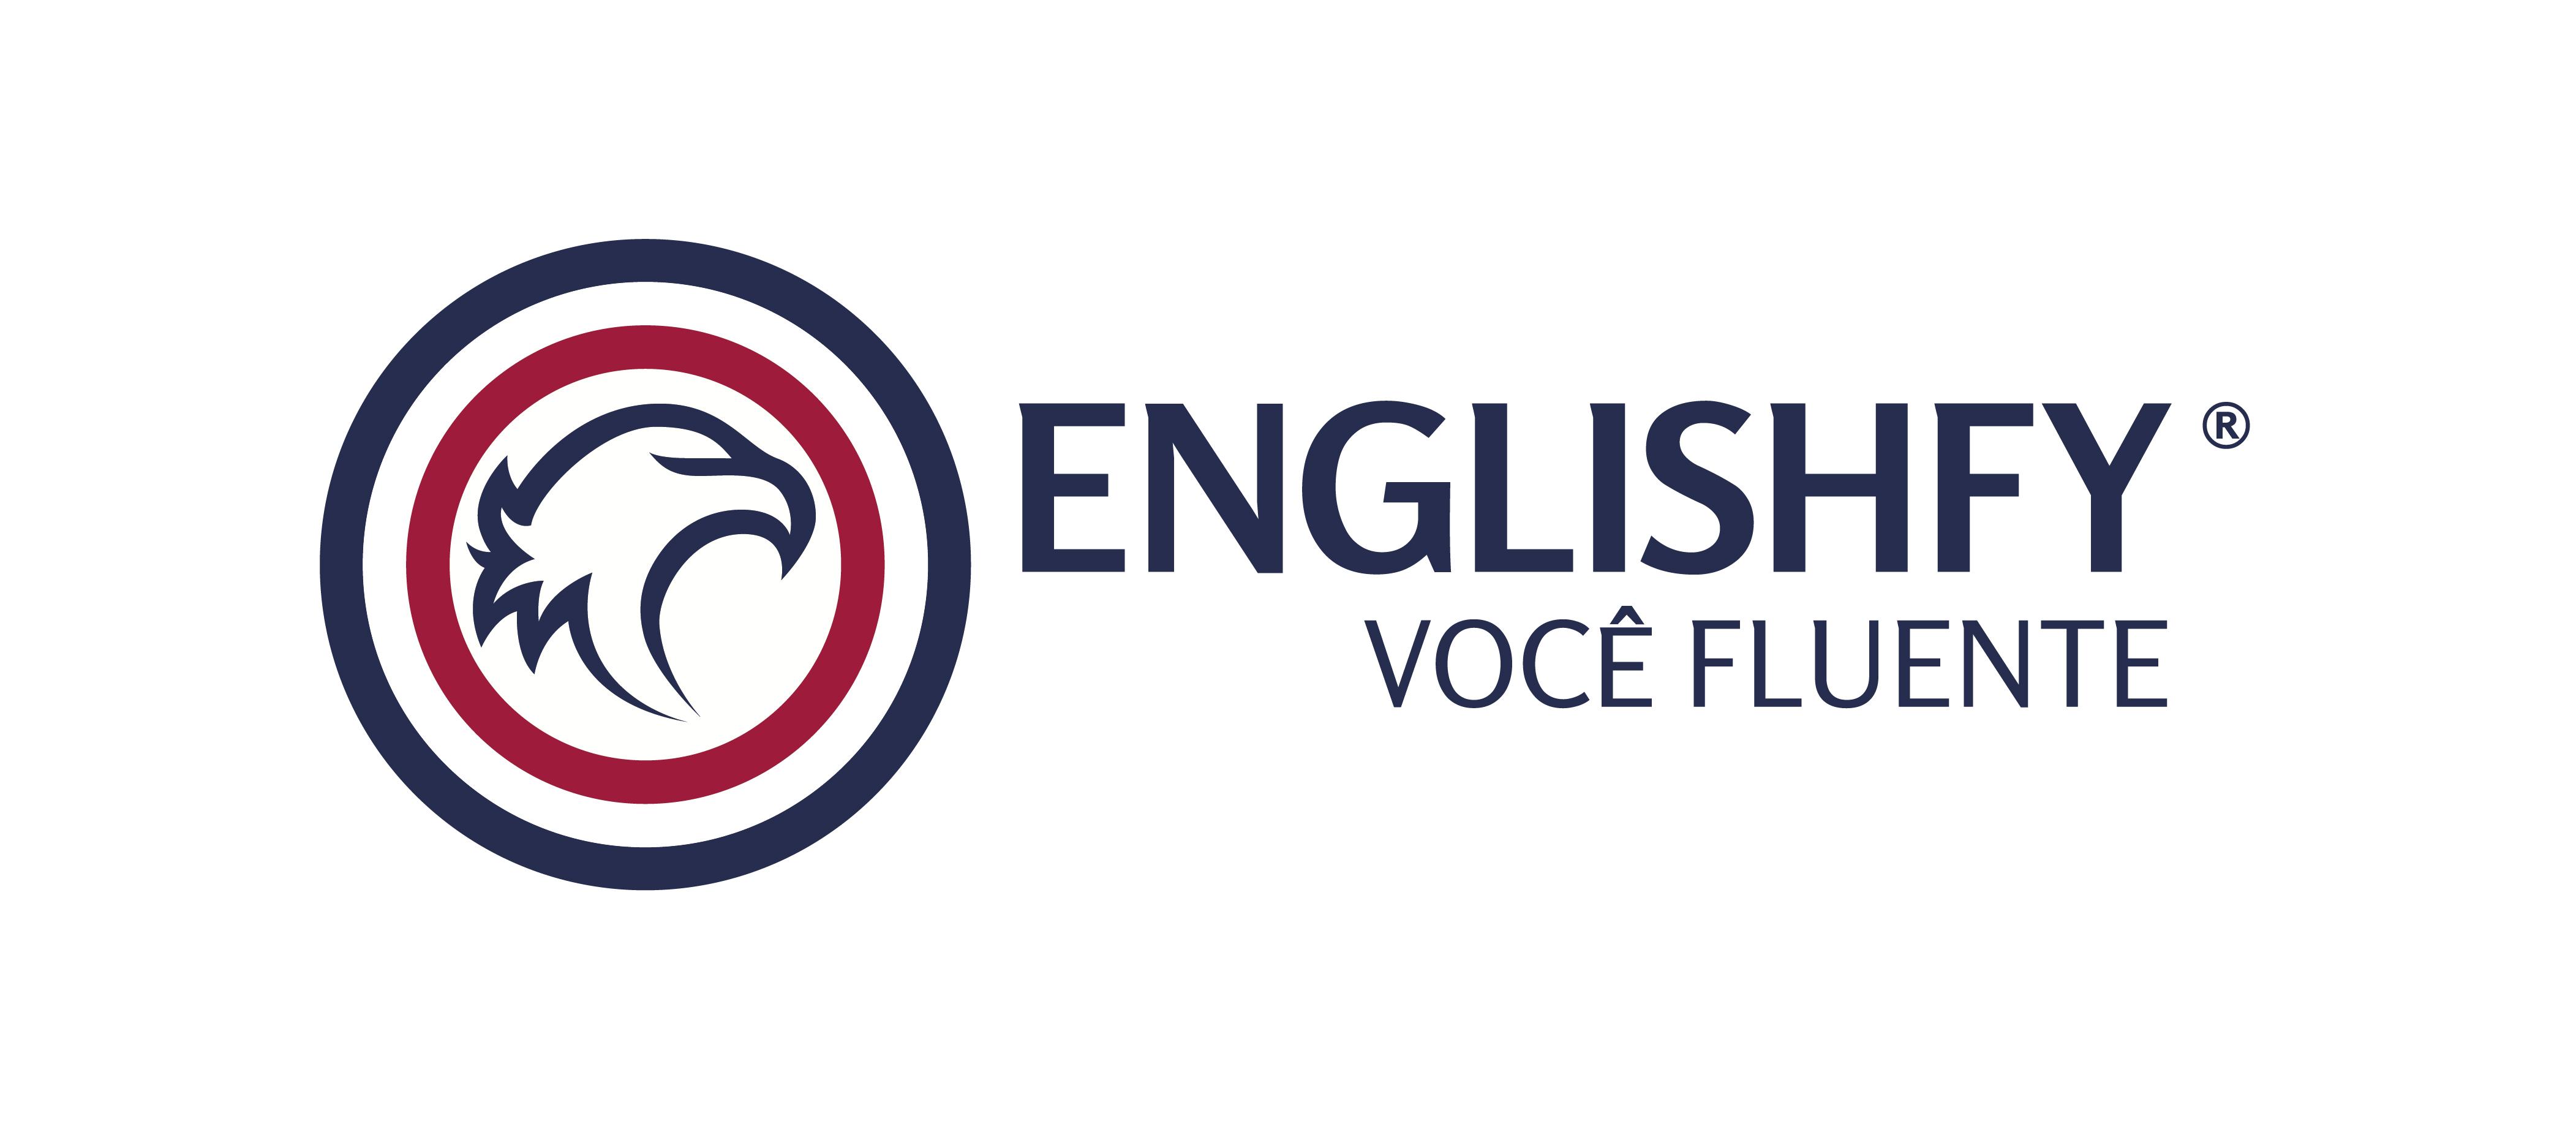 ENGLISHFY® | Você fluente!